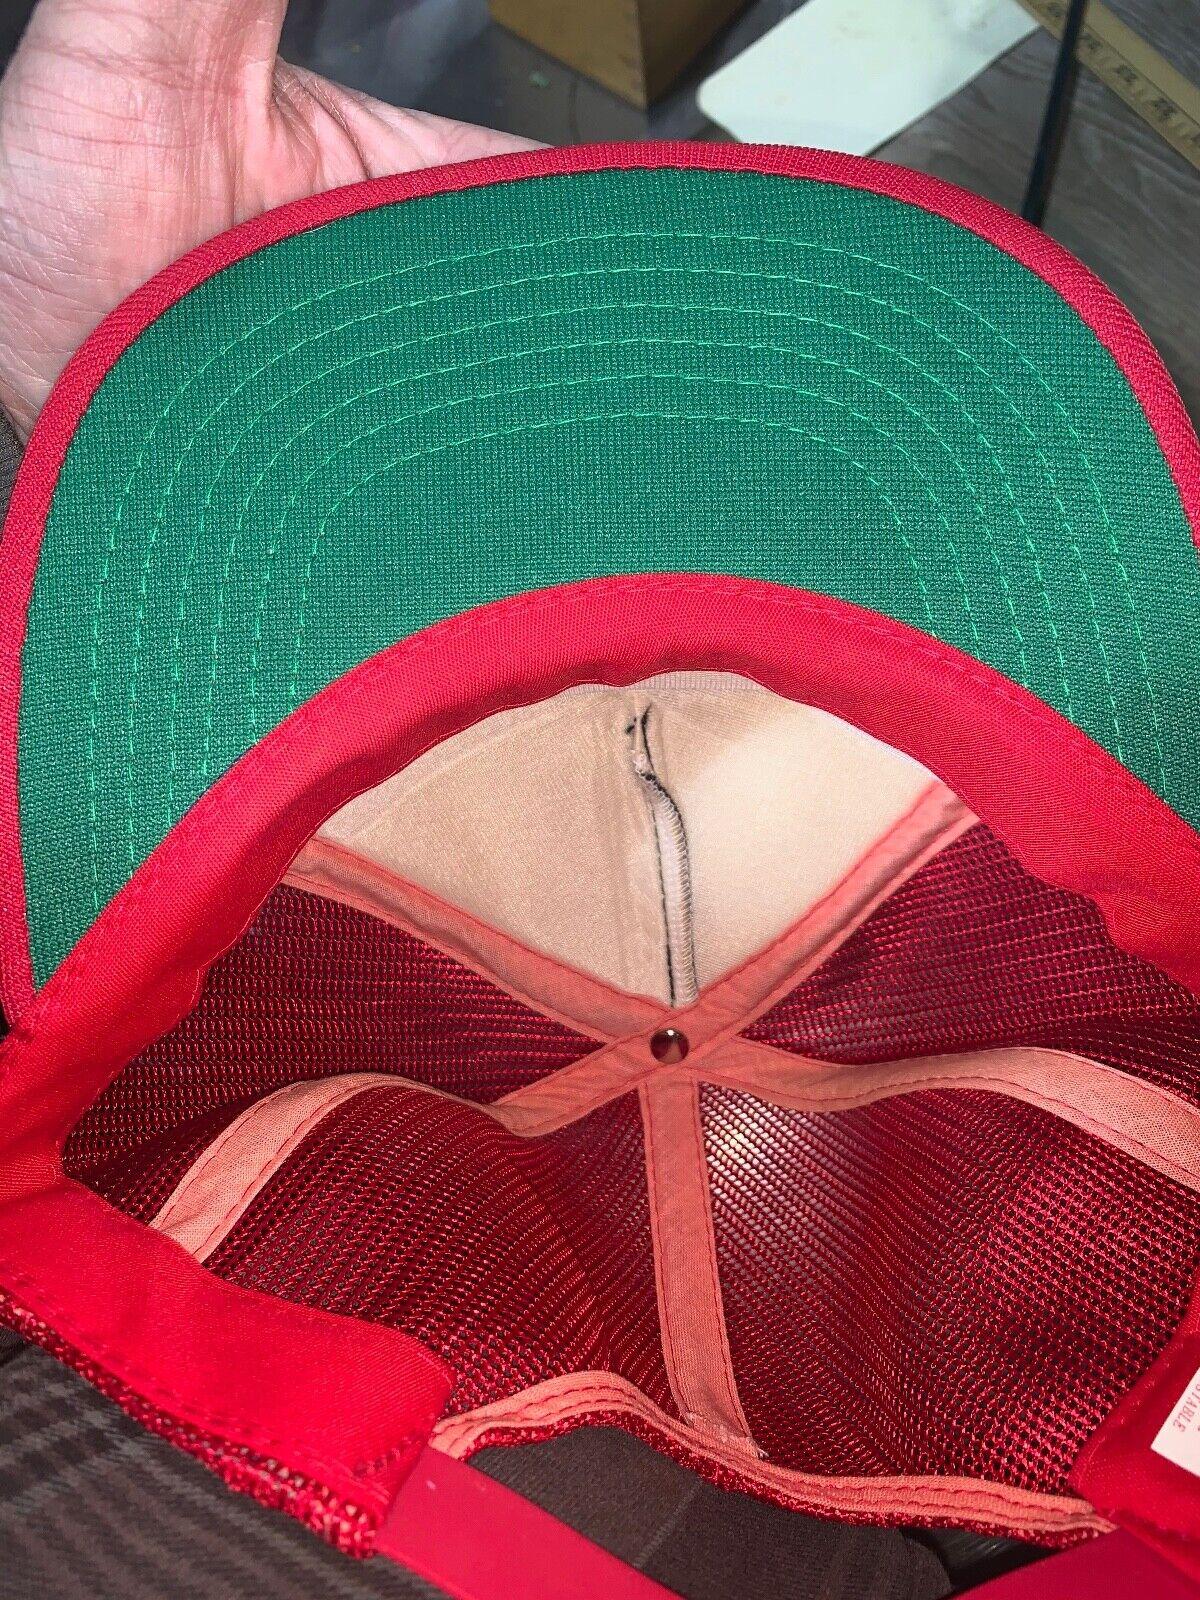 VINTAGE 80s Rare California Angels Red MLB Baseba… - image 11